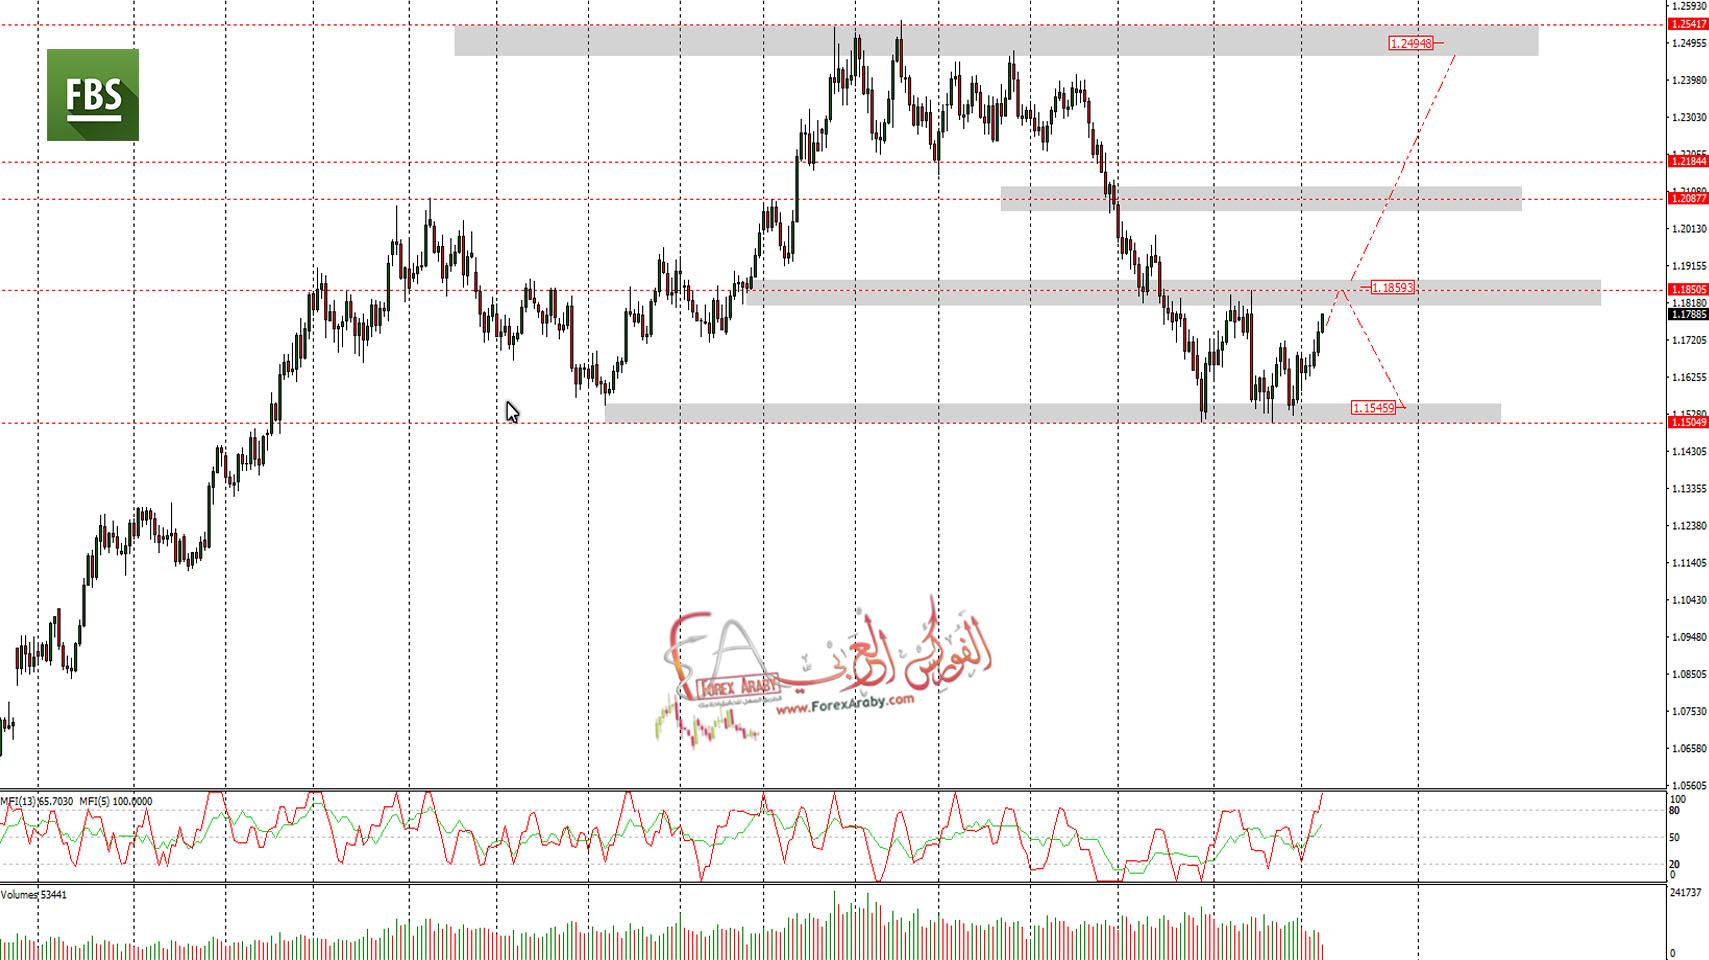 اليورو دولار يقترب من المنطقة الفاصلة